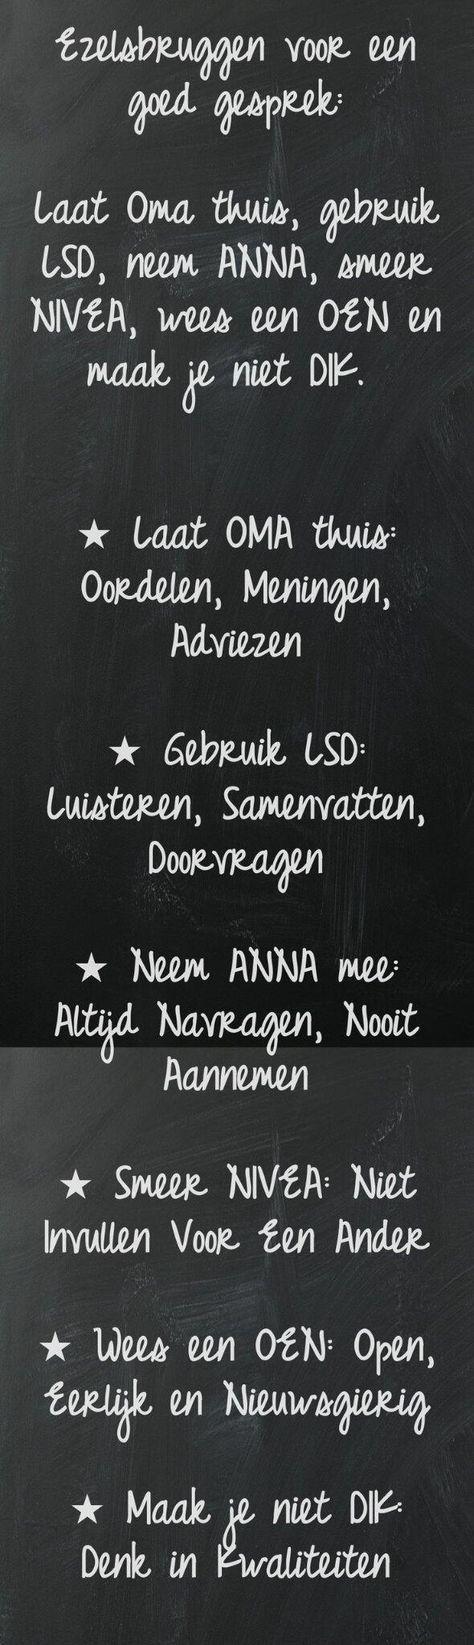 E-mail - annelieskluijfhout@live.nl